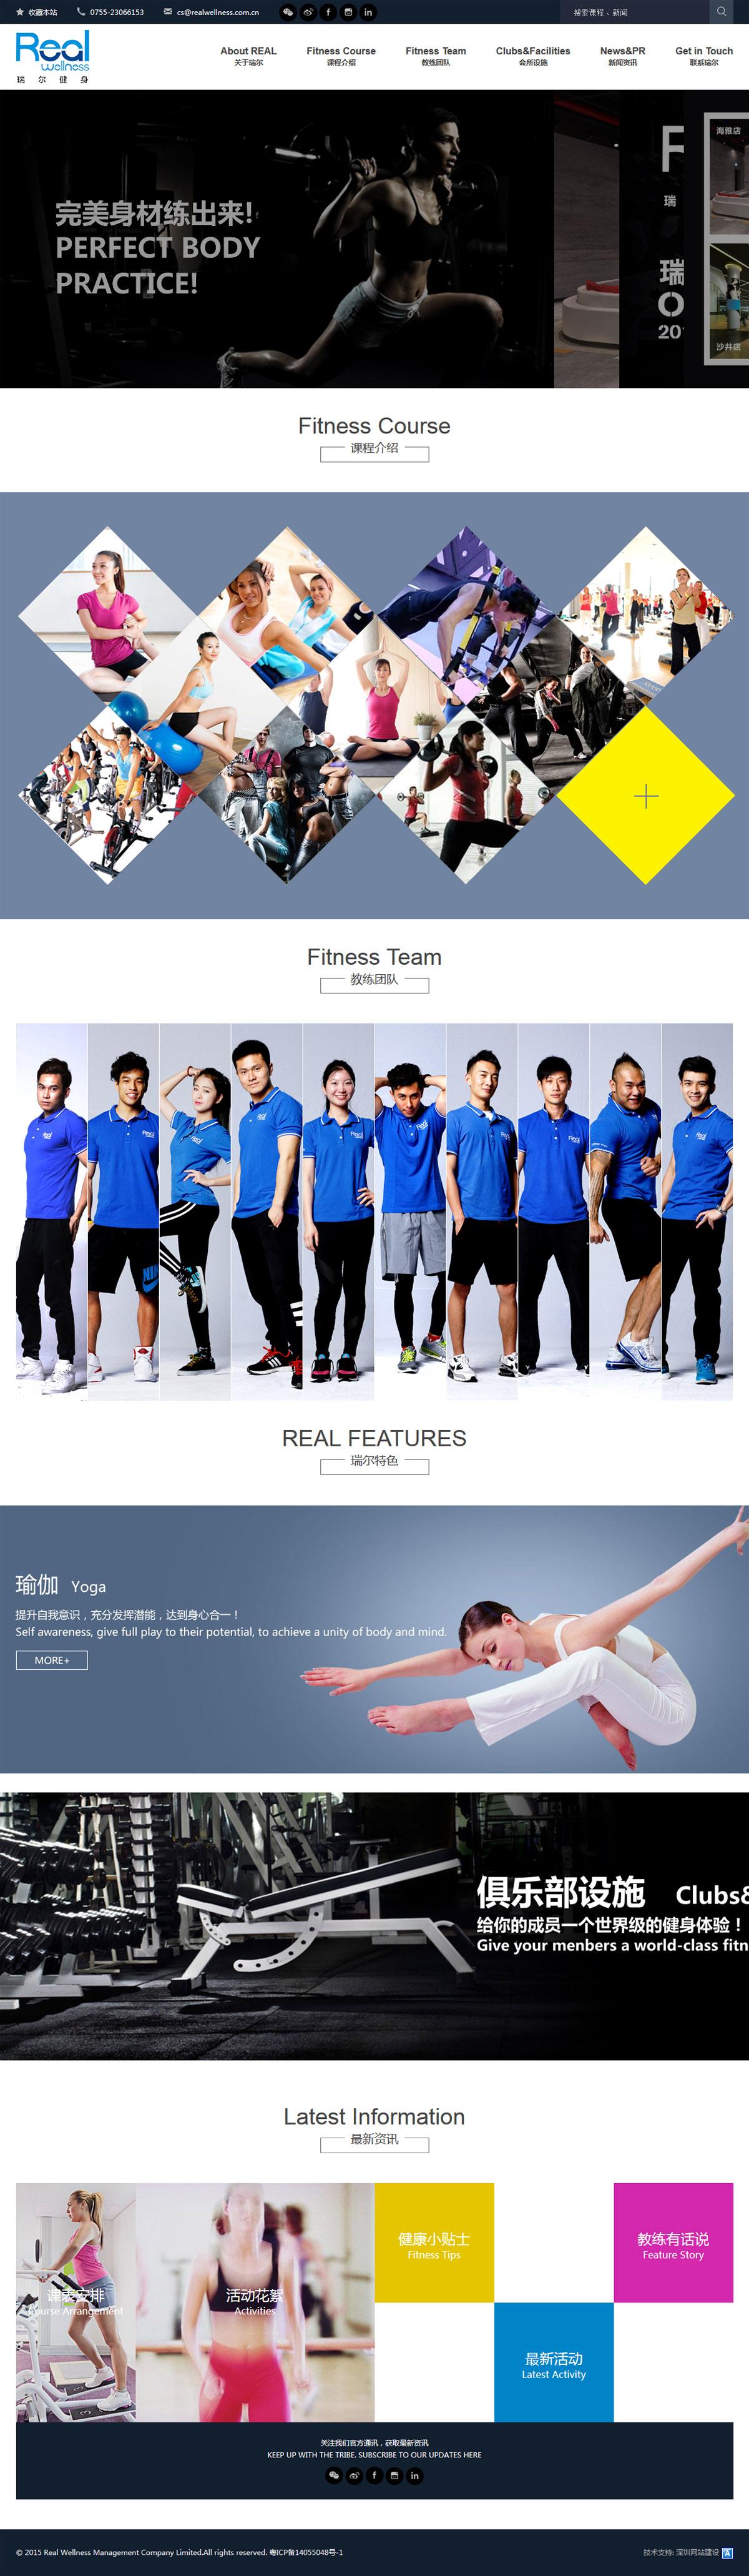 瑞尔健身www.dafabet案例